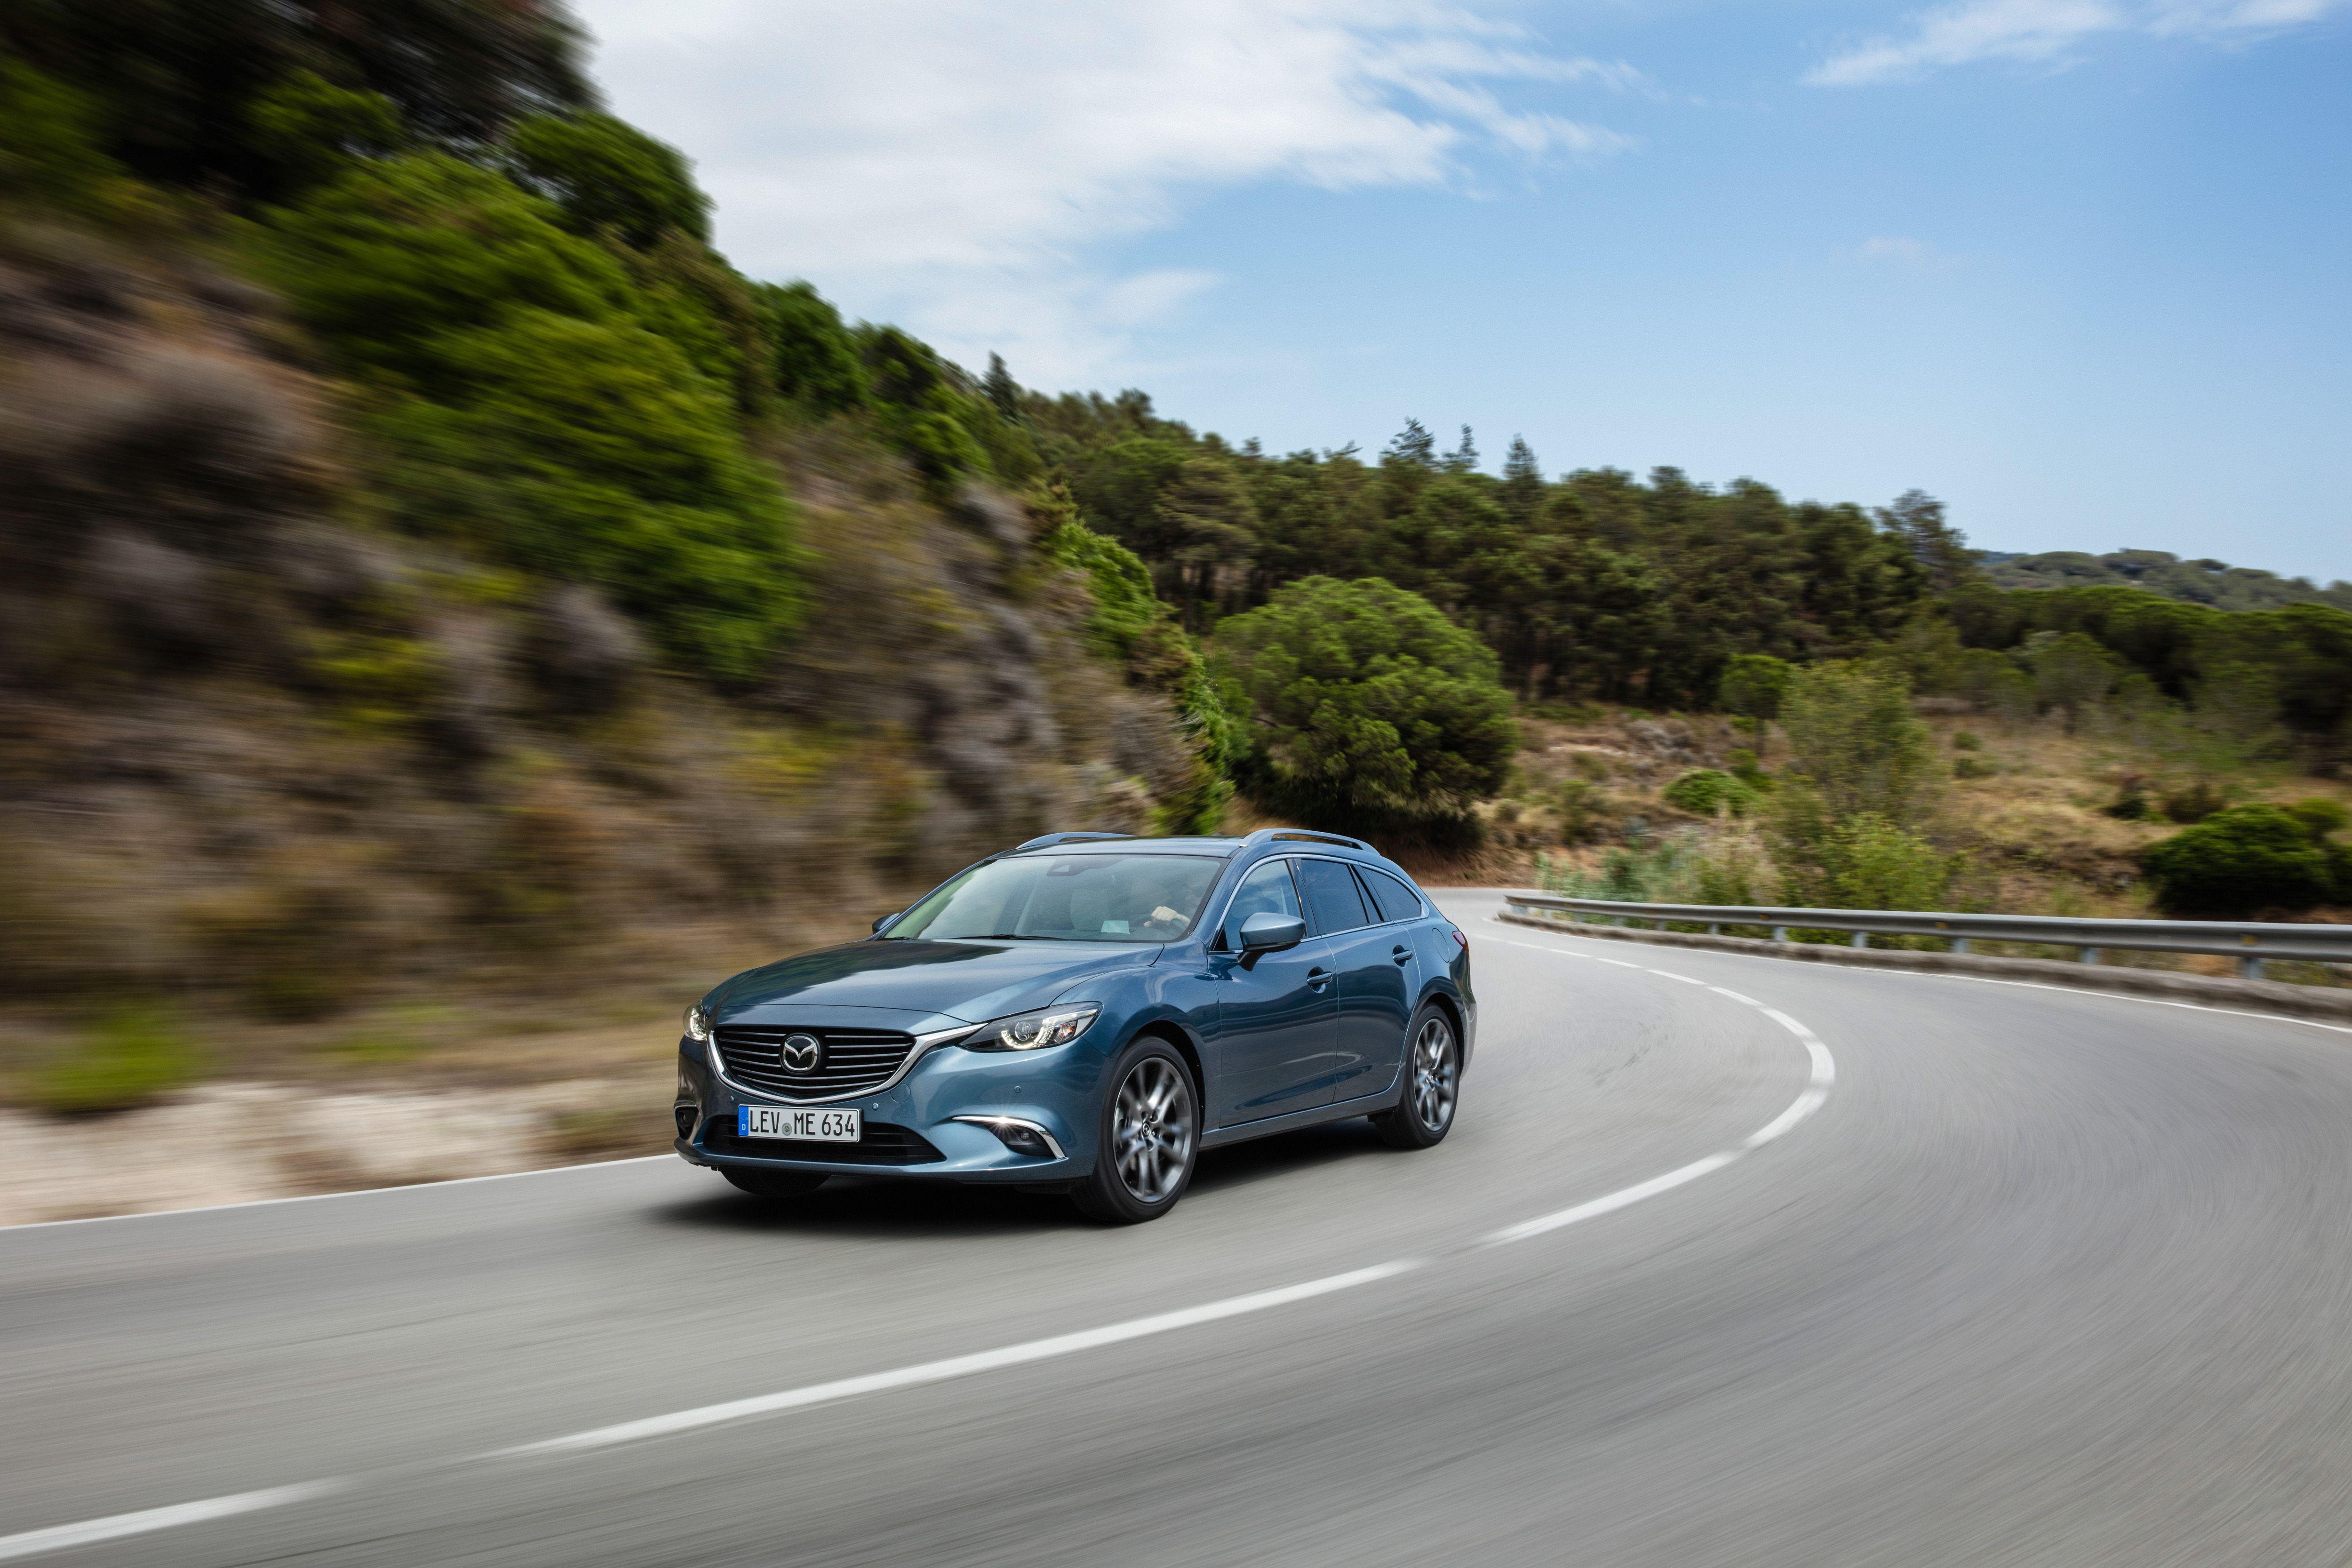 Zo rijdt de Mazda 6 met wat andere technische goed nieuwsdin jes